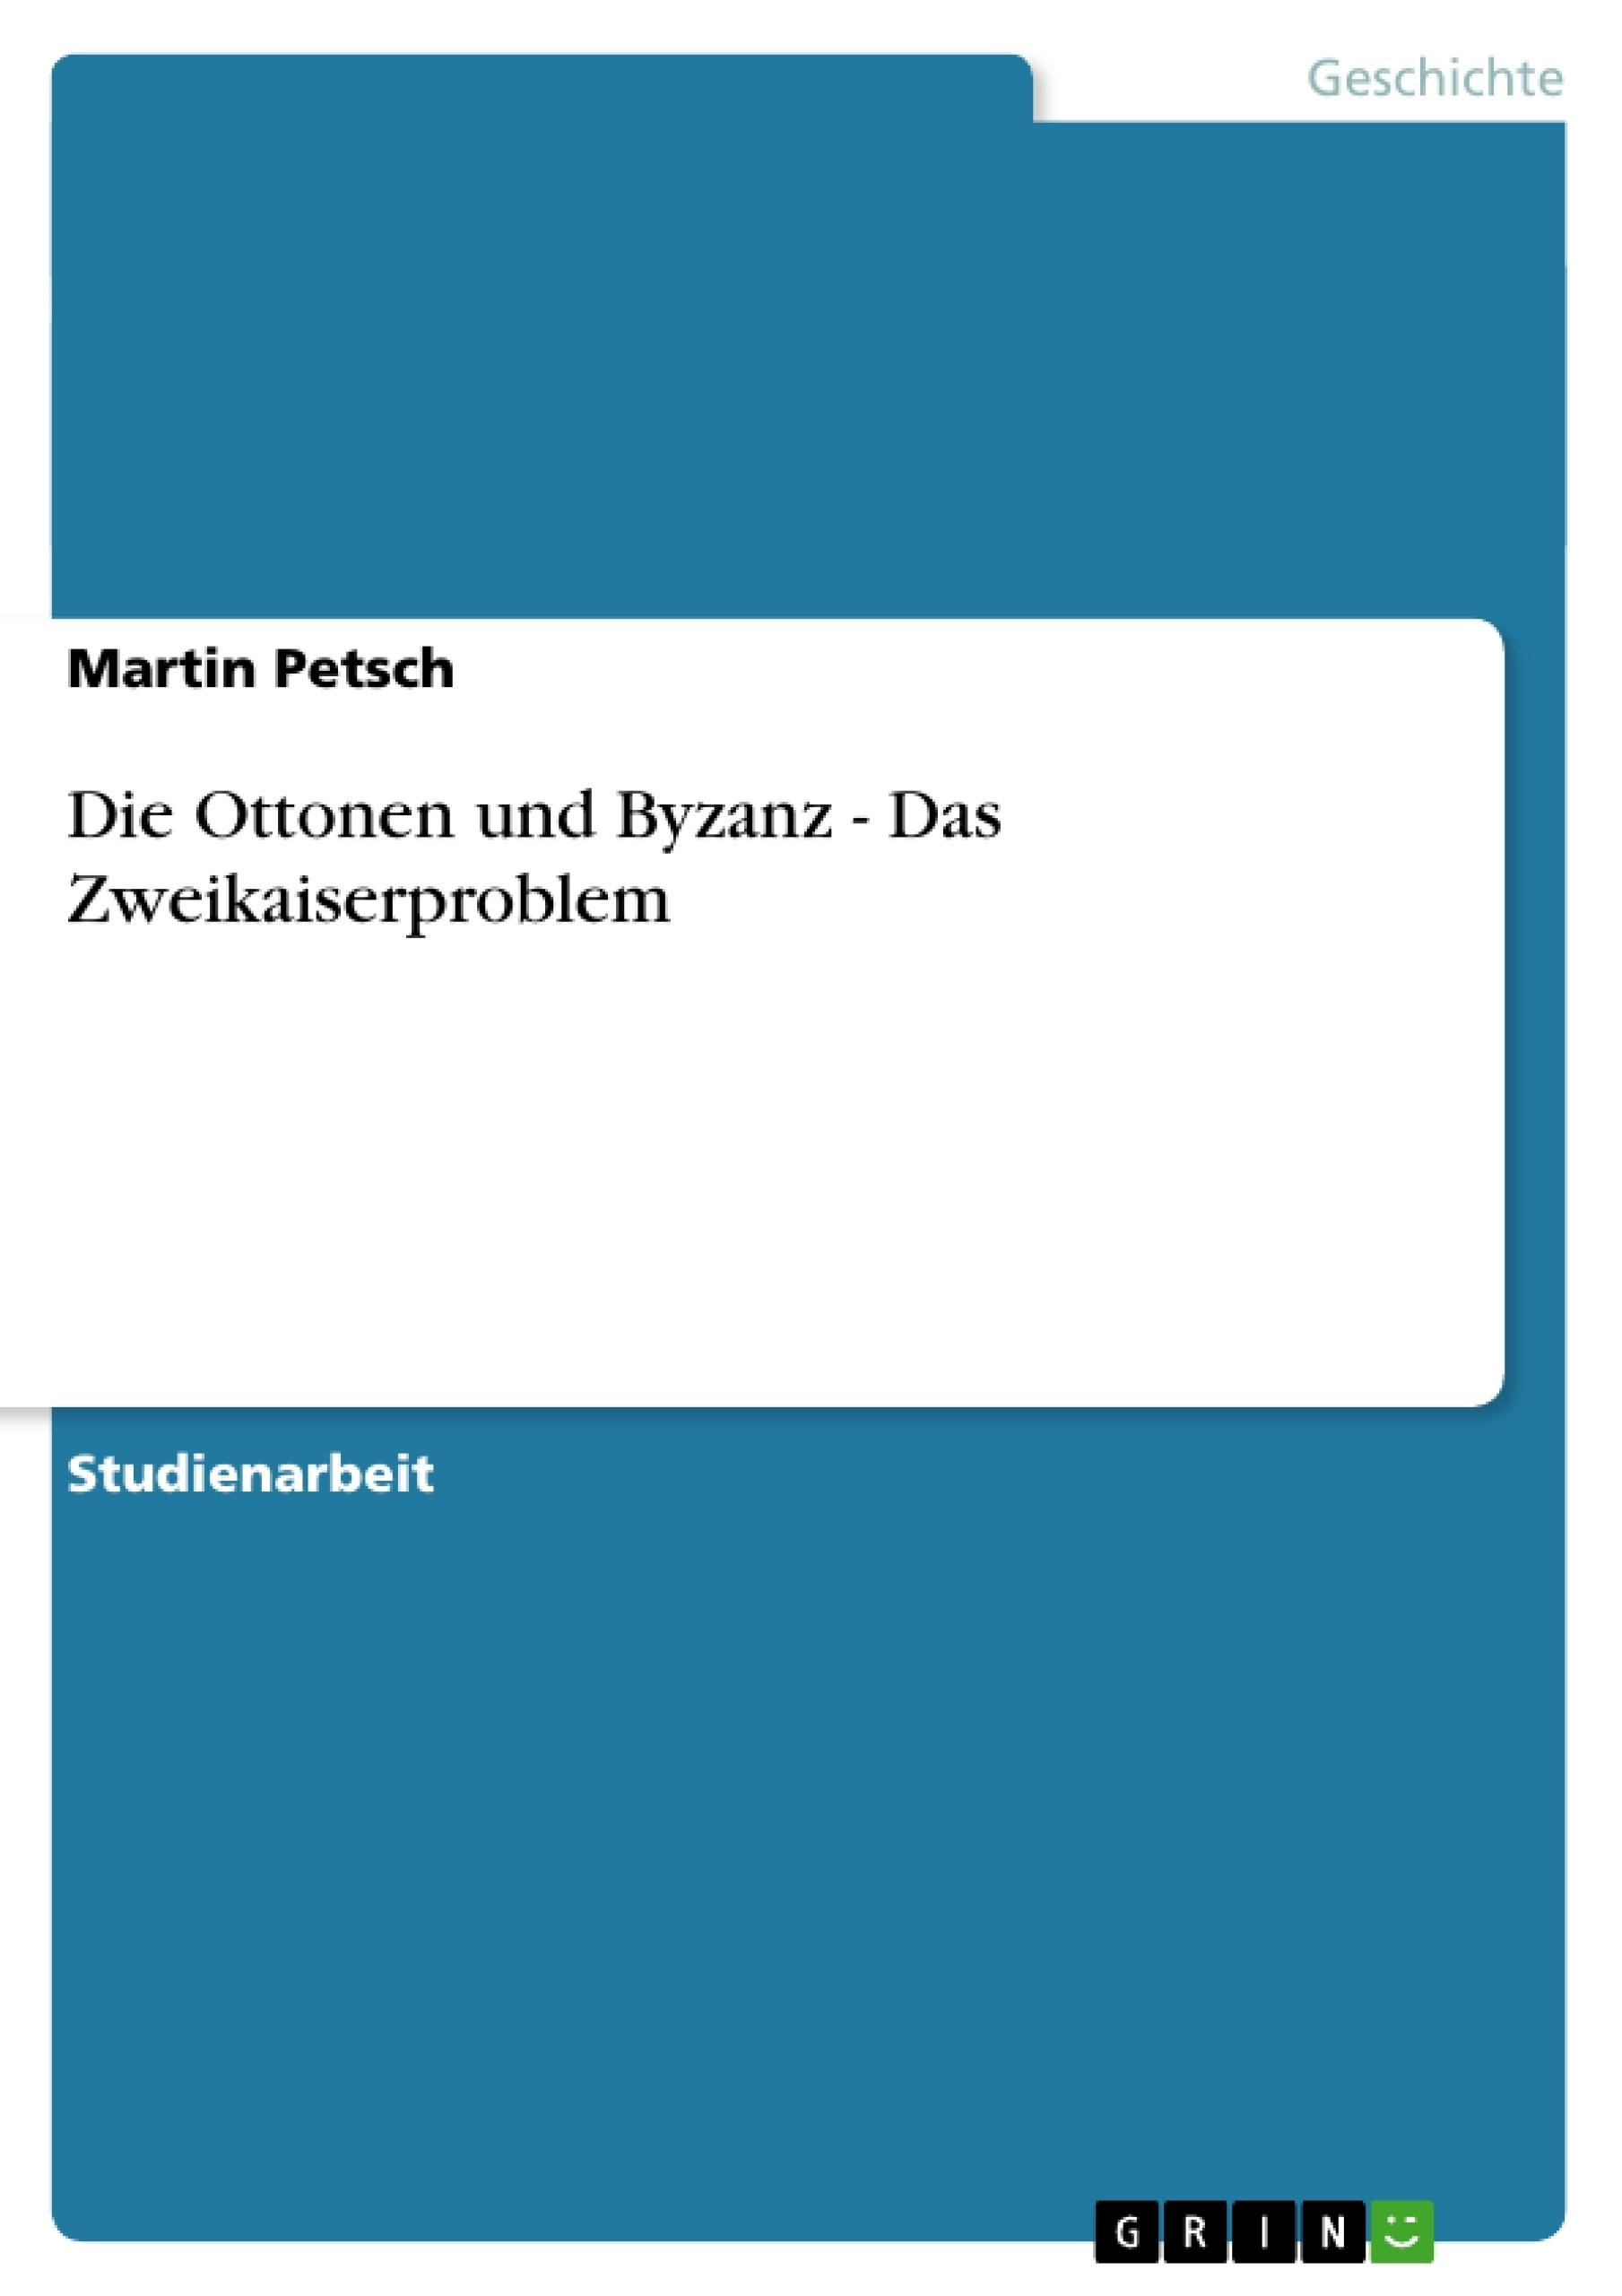 Titel: Die Ottonen und Byzanz - Das Zweikaiserproblem